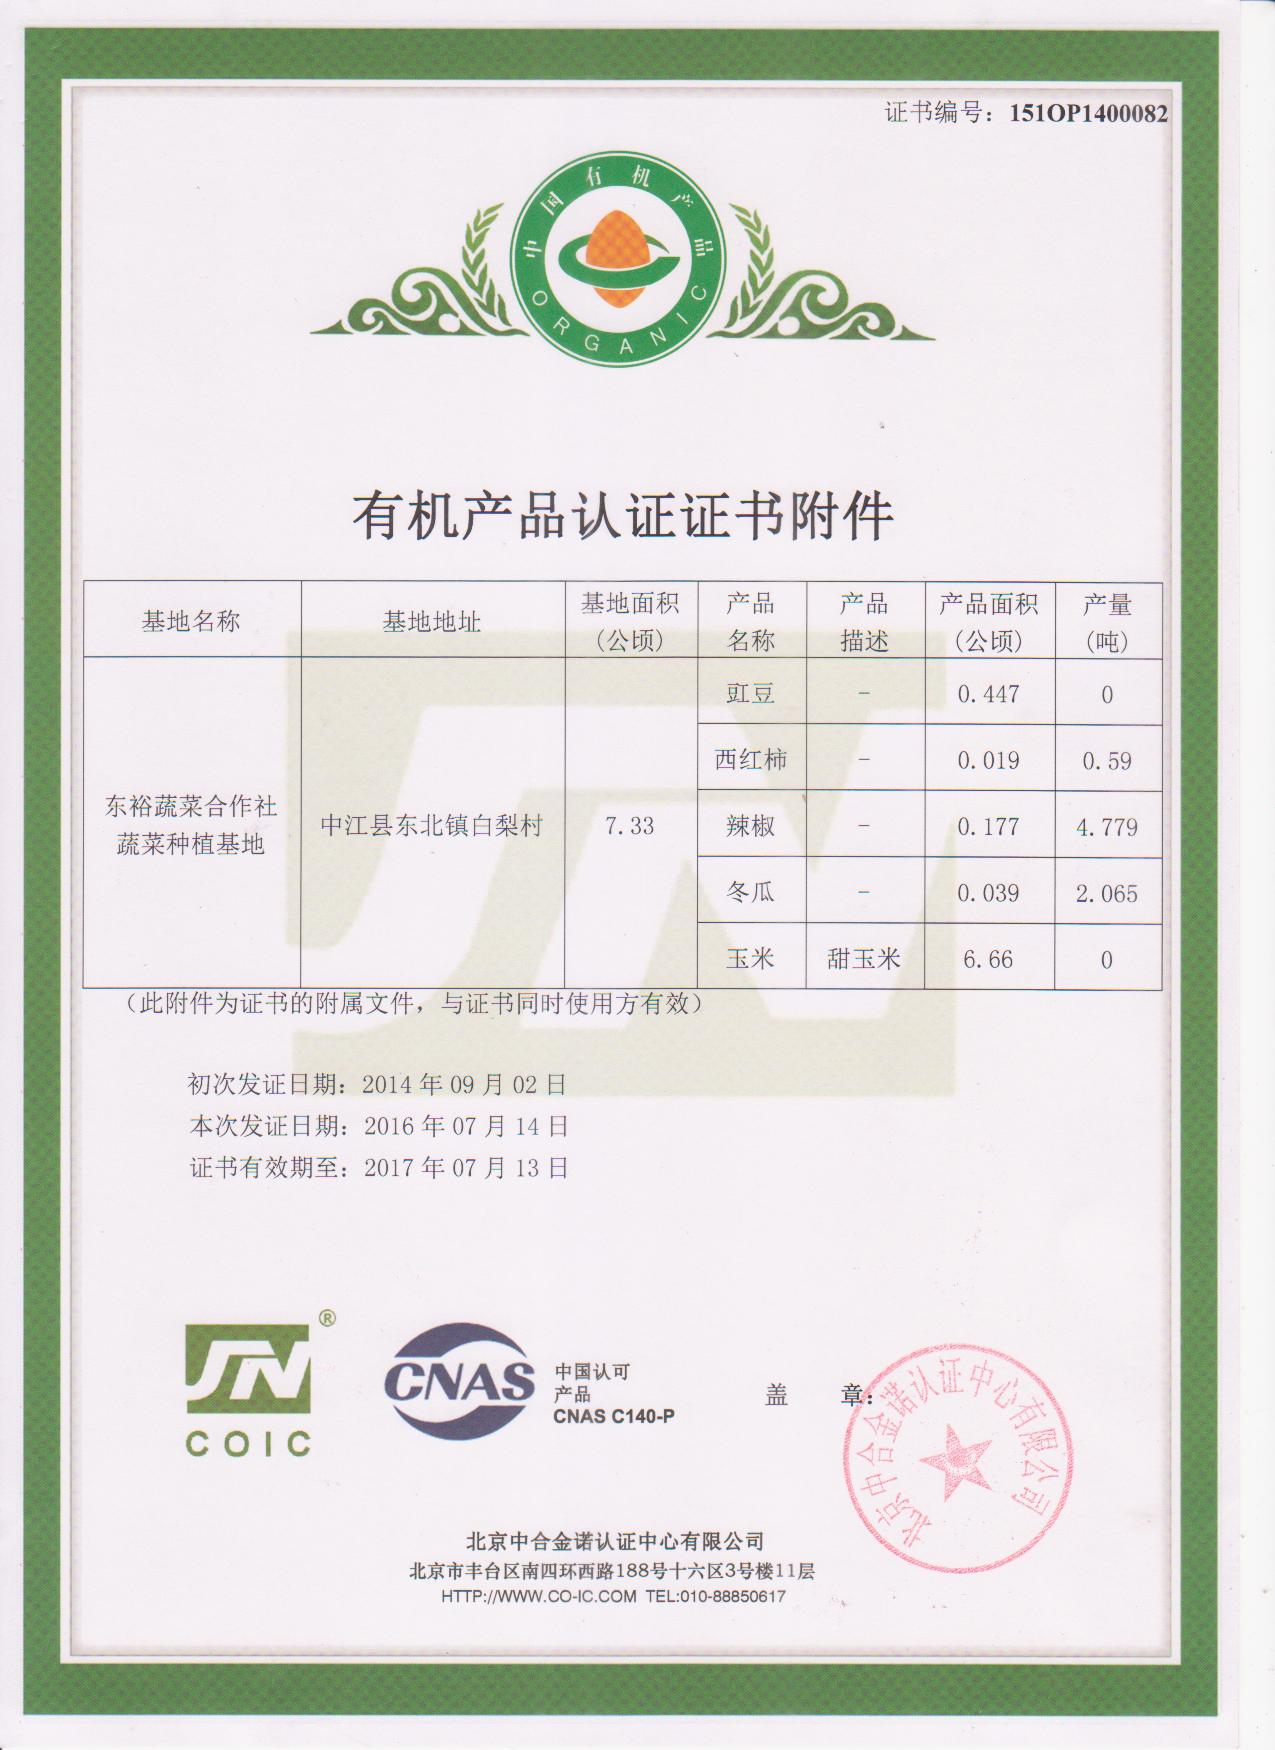 有机产品认证证书2016.7.14蔬菜